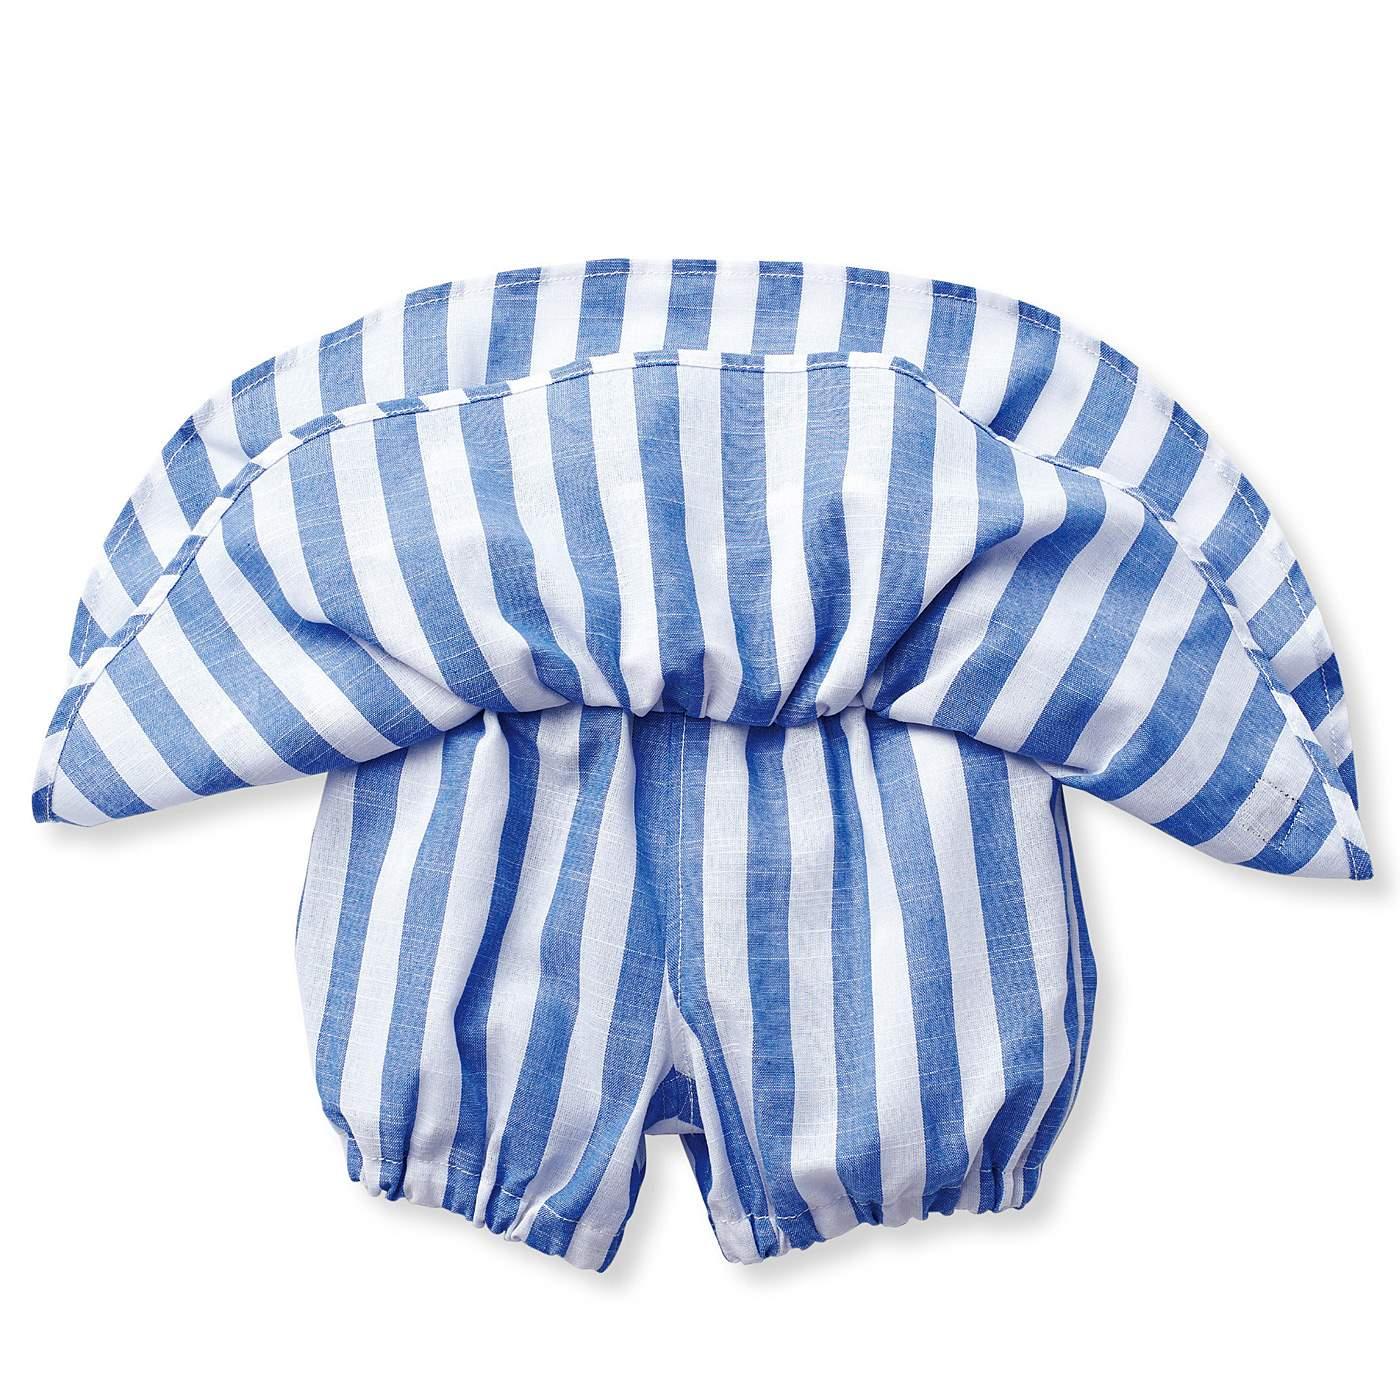 スカートの下はパンツだから、おてんばさんも安心。